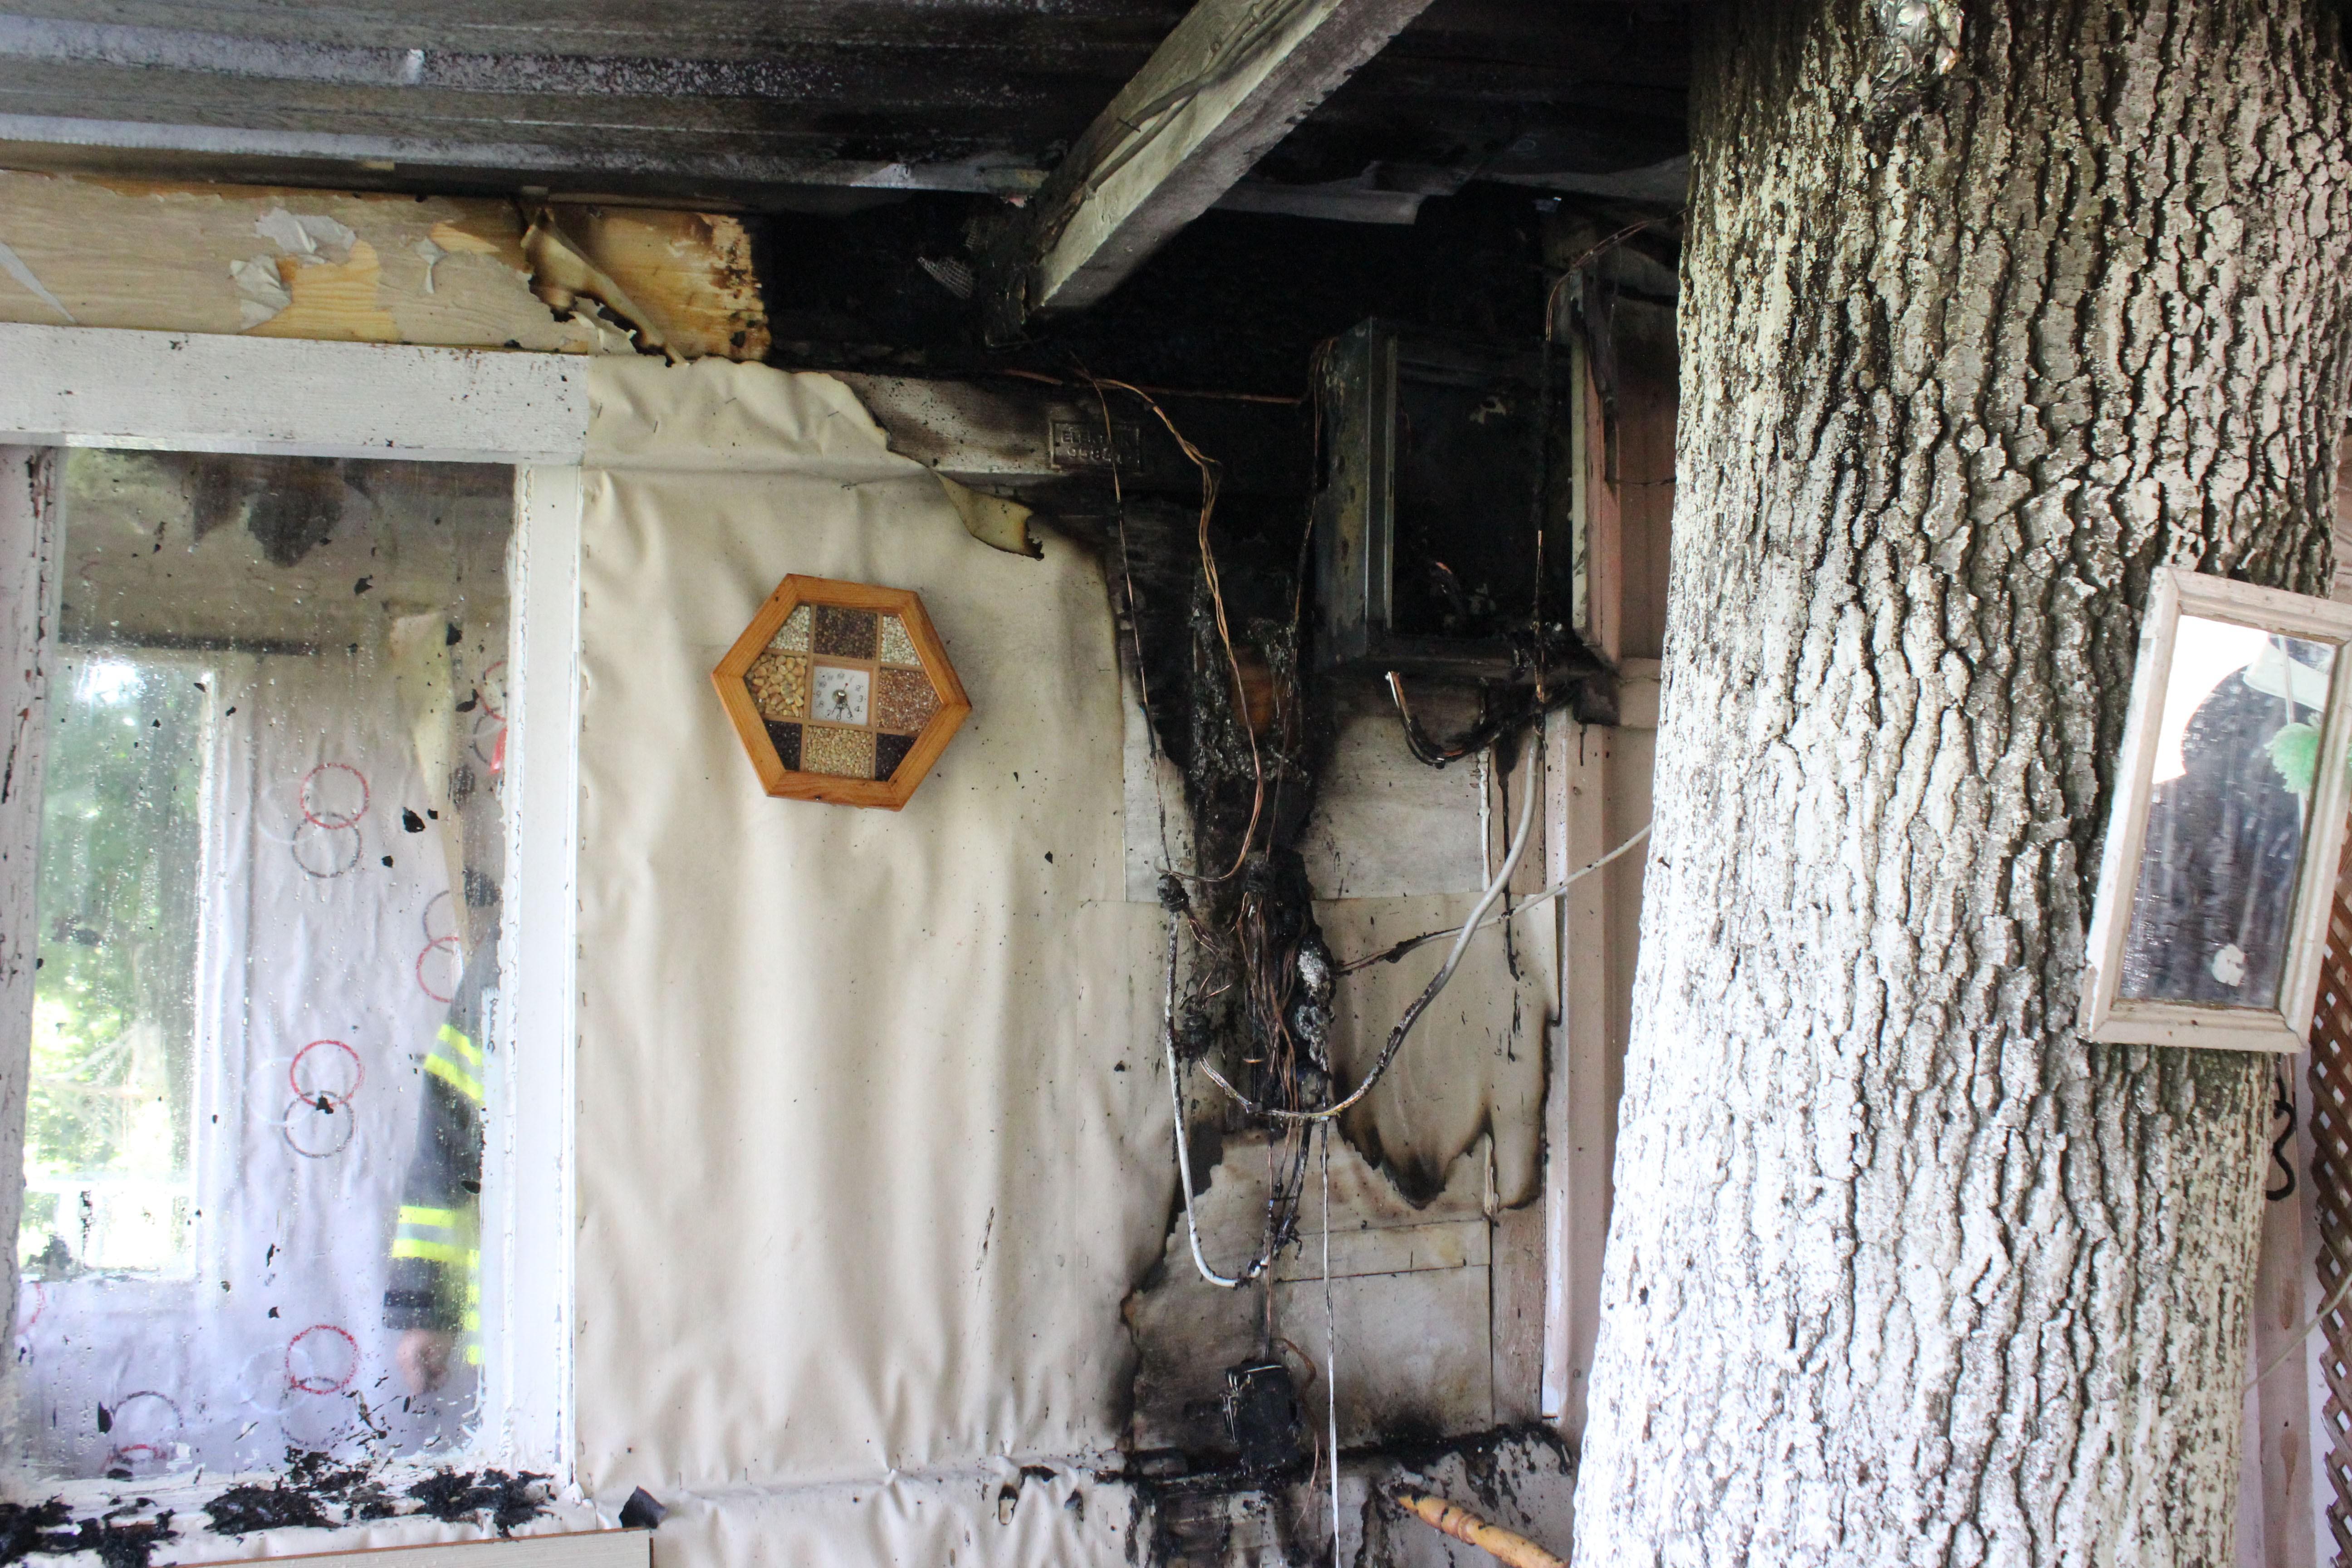 Kocaeli'de tek katlı evde çıkan yangın korkuttu